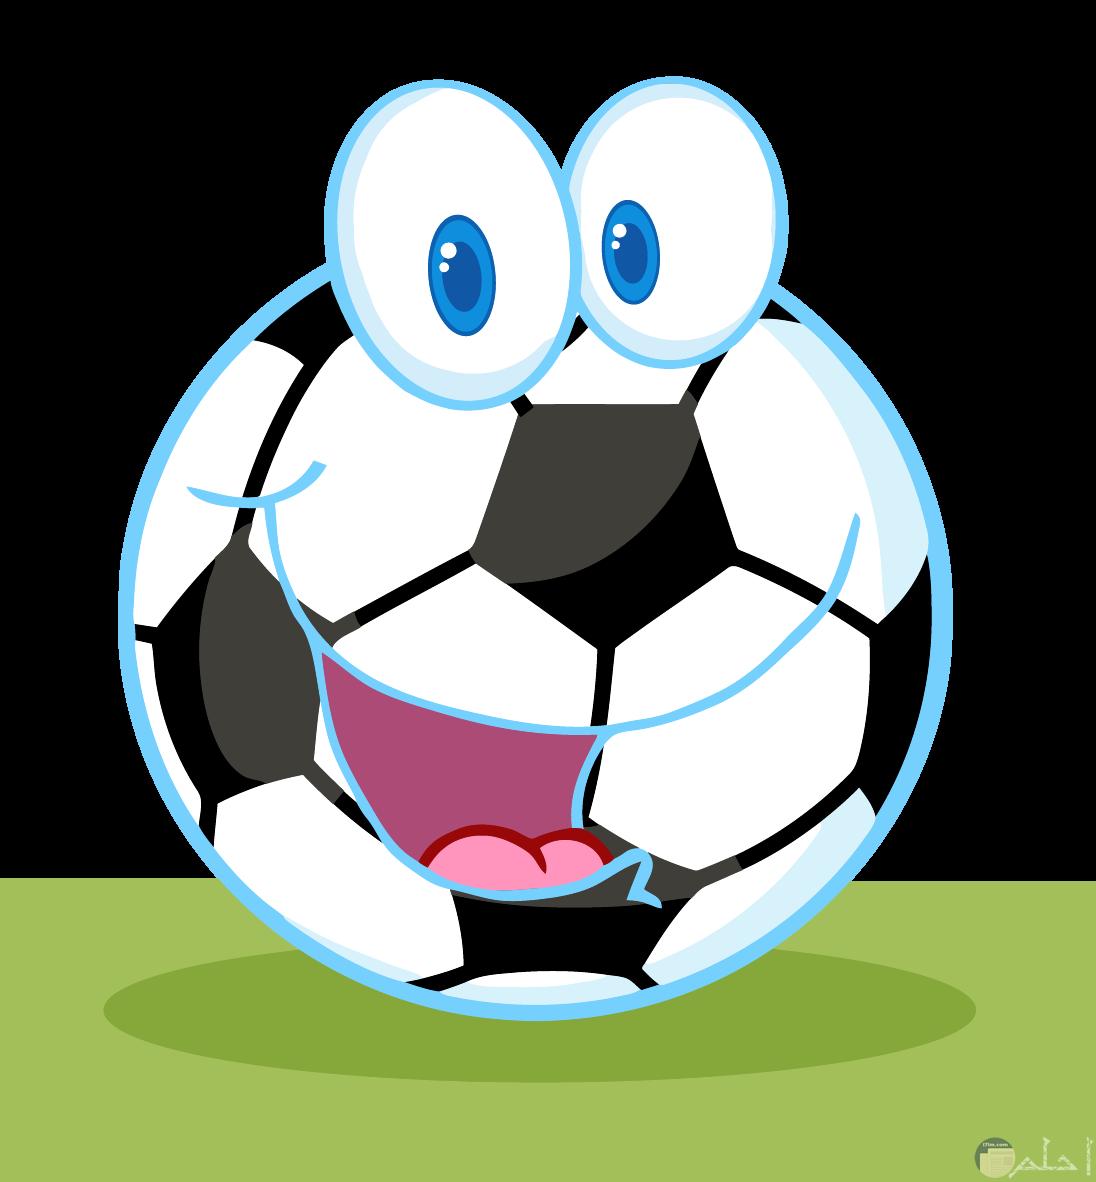 رسمة كرة قدم ملونة ولها أعين و فم ضاحك- أكتب عليها ما تحب من النكت.